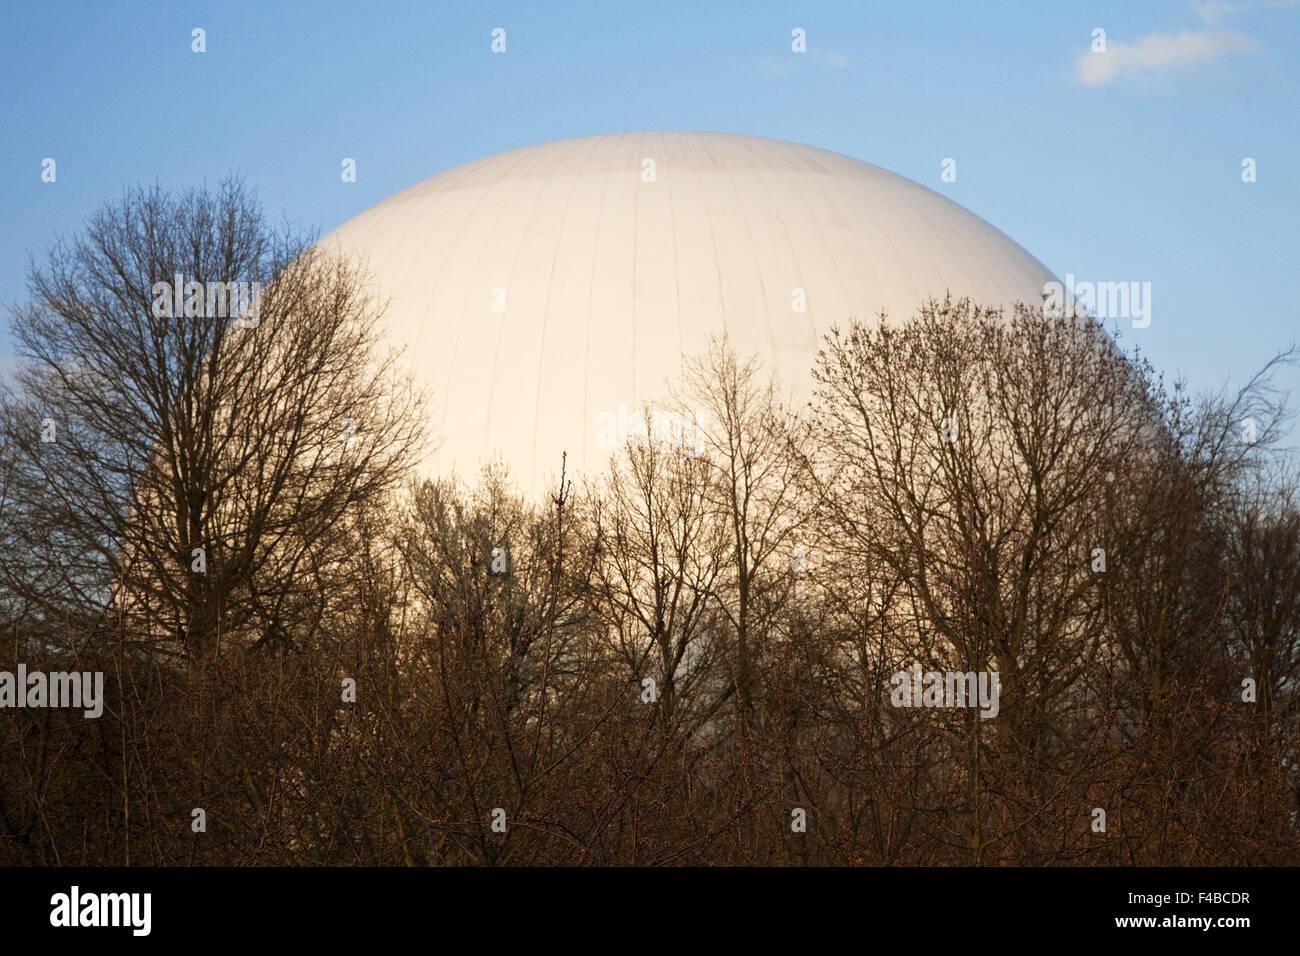 L'osservatorio di Bochum, Germania. Immagini Stock